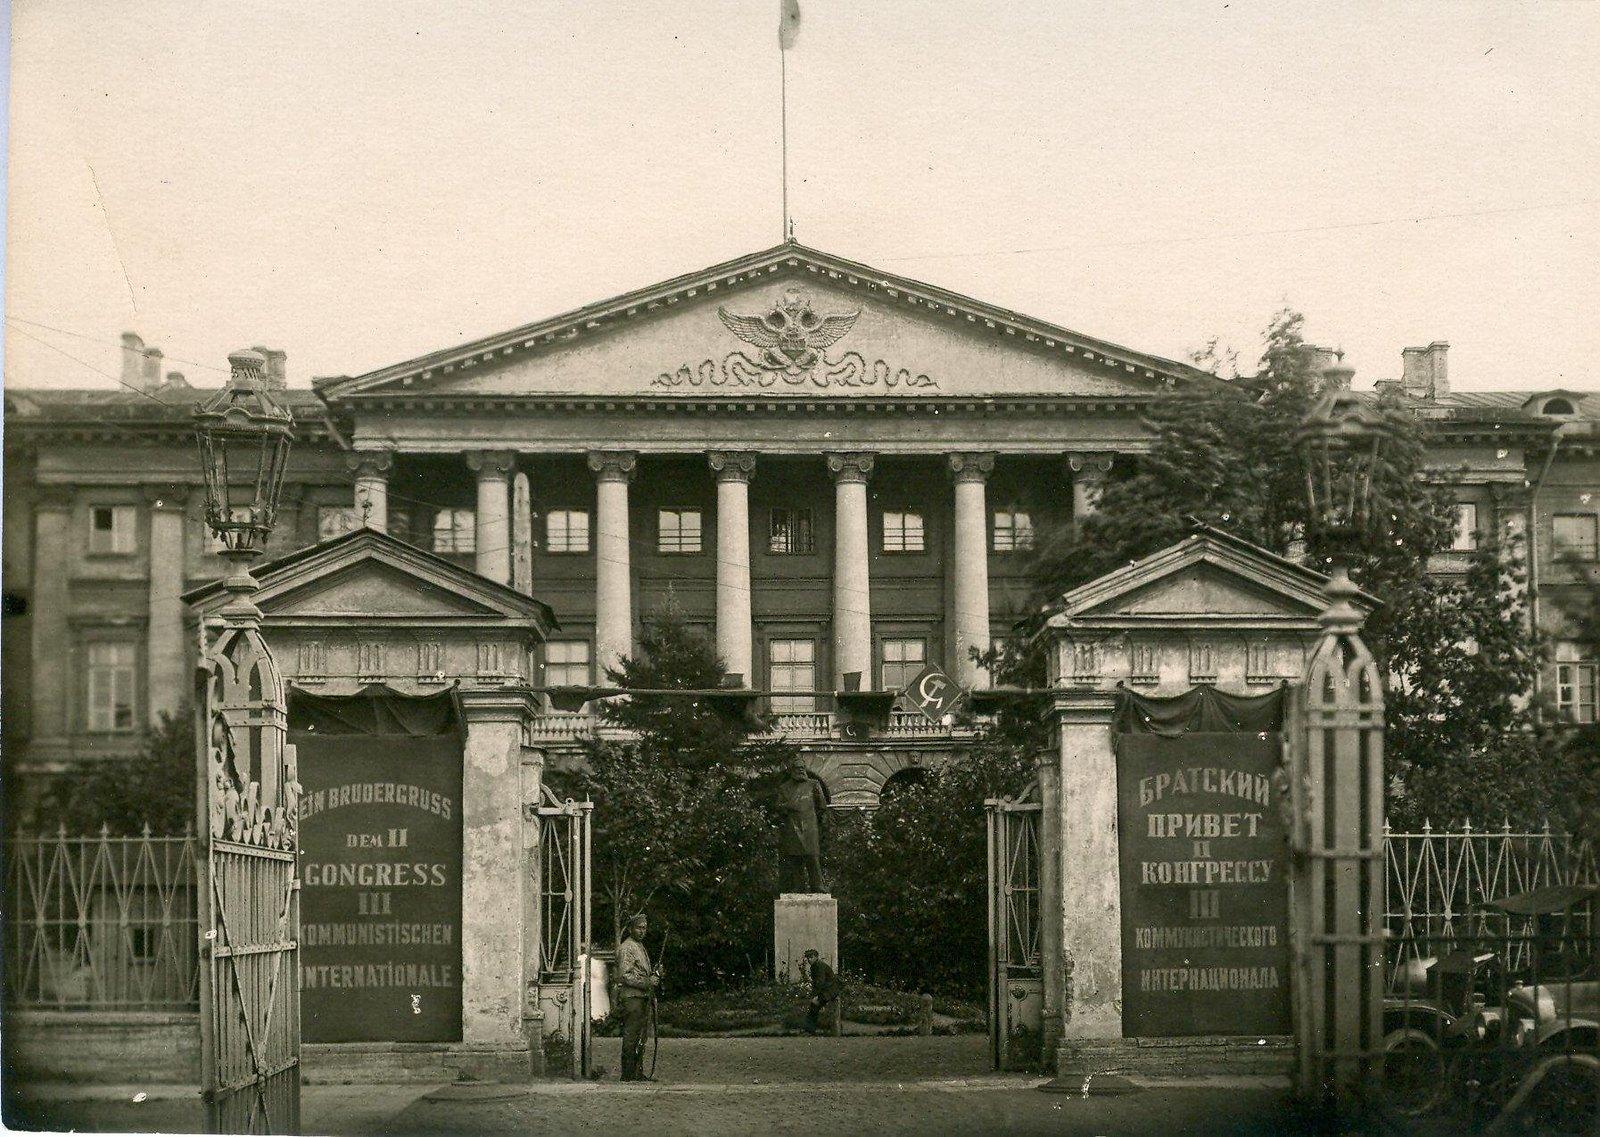 17. 1920. 19 июля.  Здание Смольного в день торжественного открытия II конгресса Коминтерна